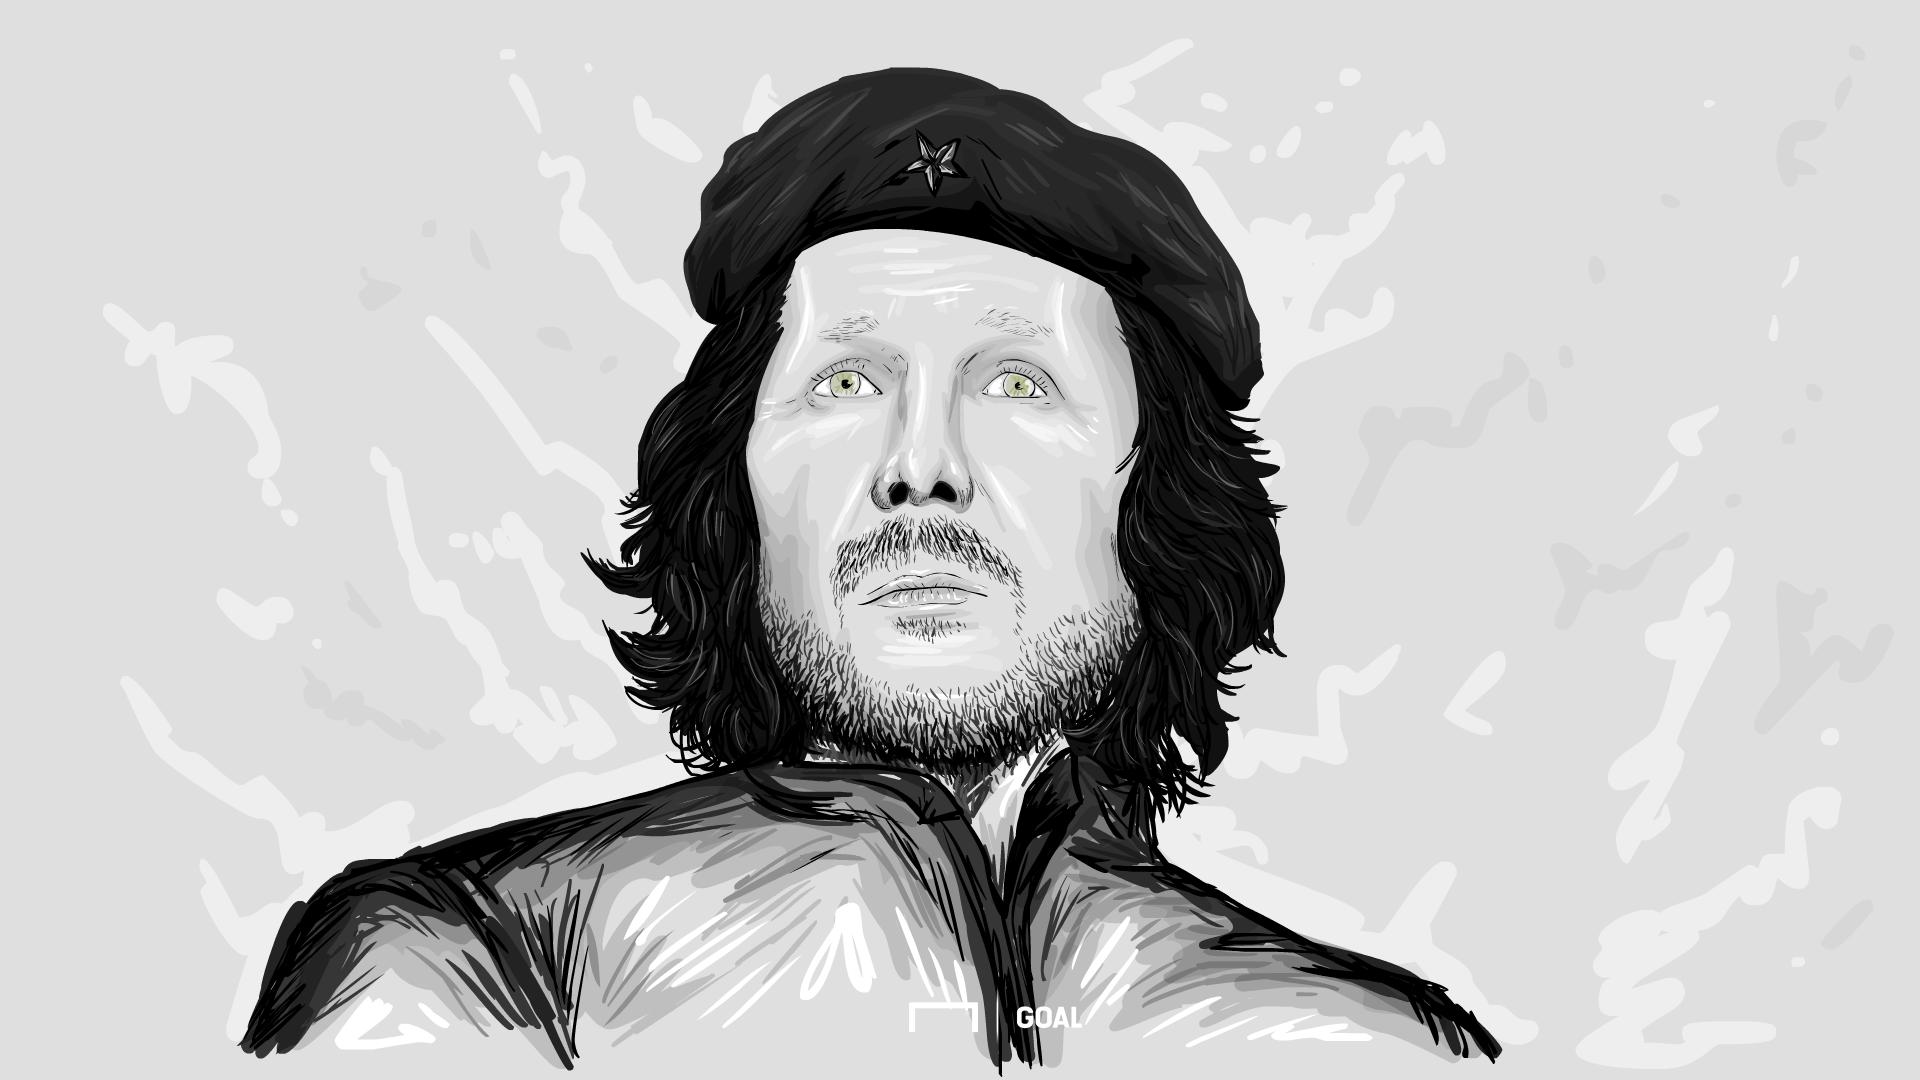 Cholo Simeone a lo Che Guevara